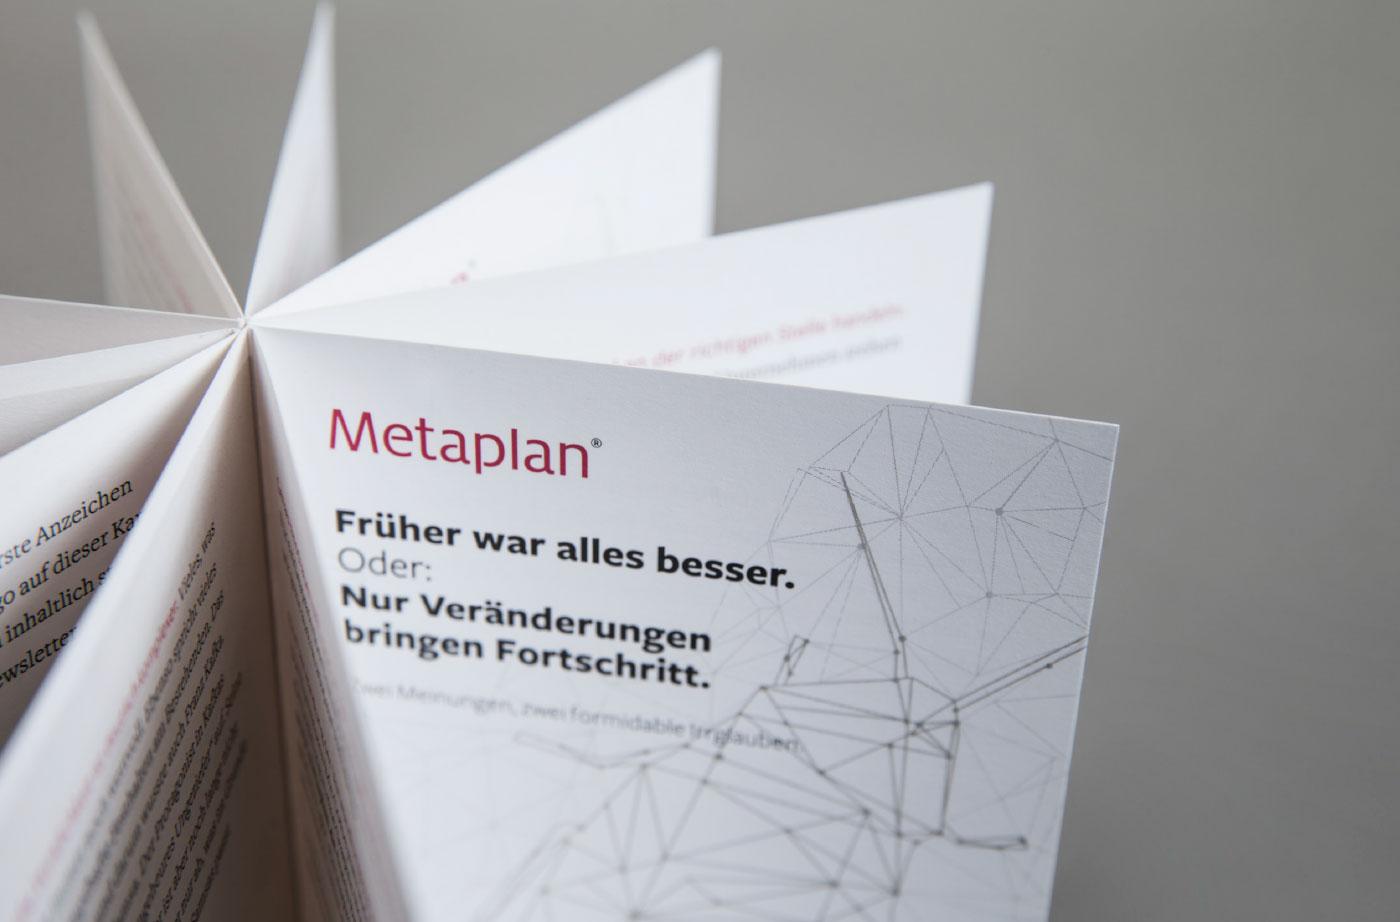 metaplan_01